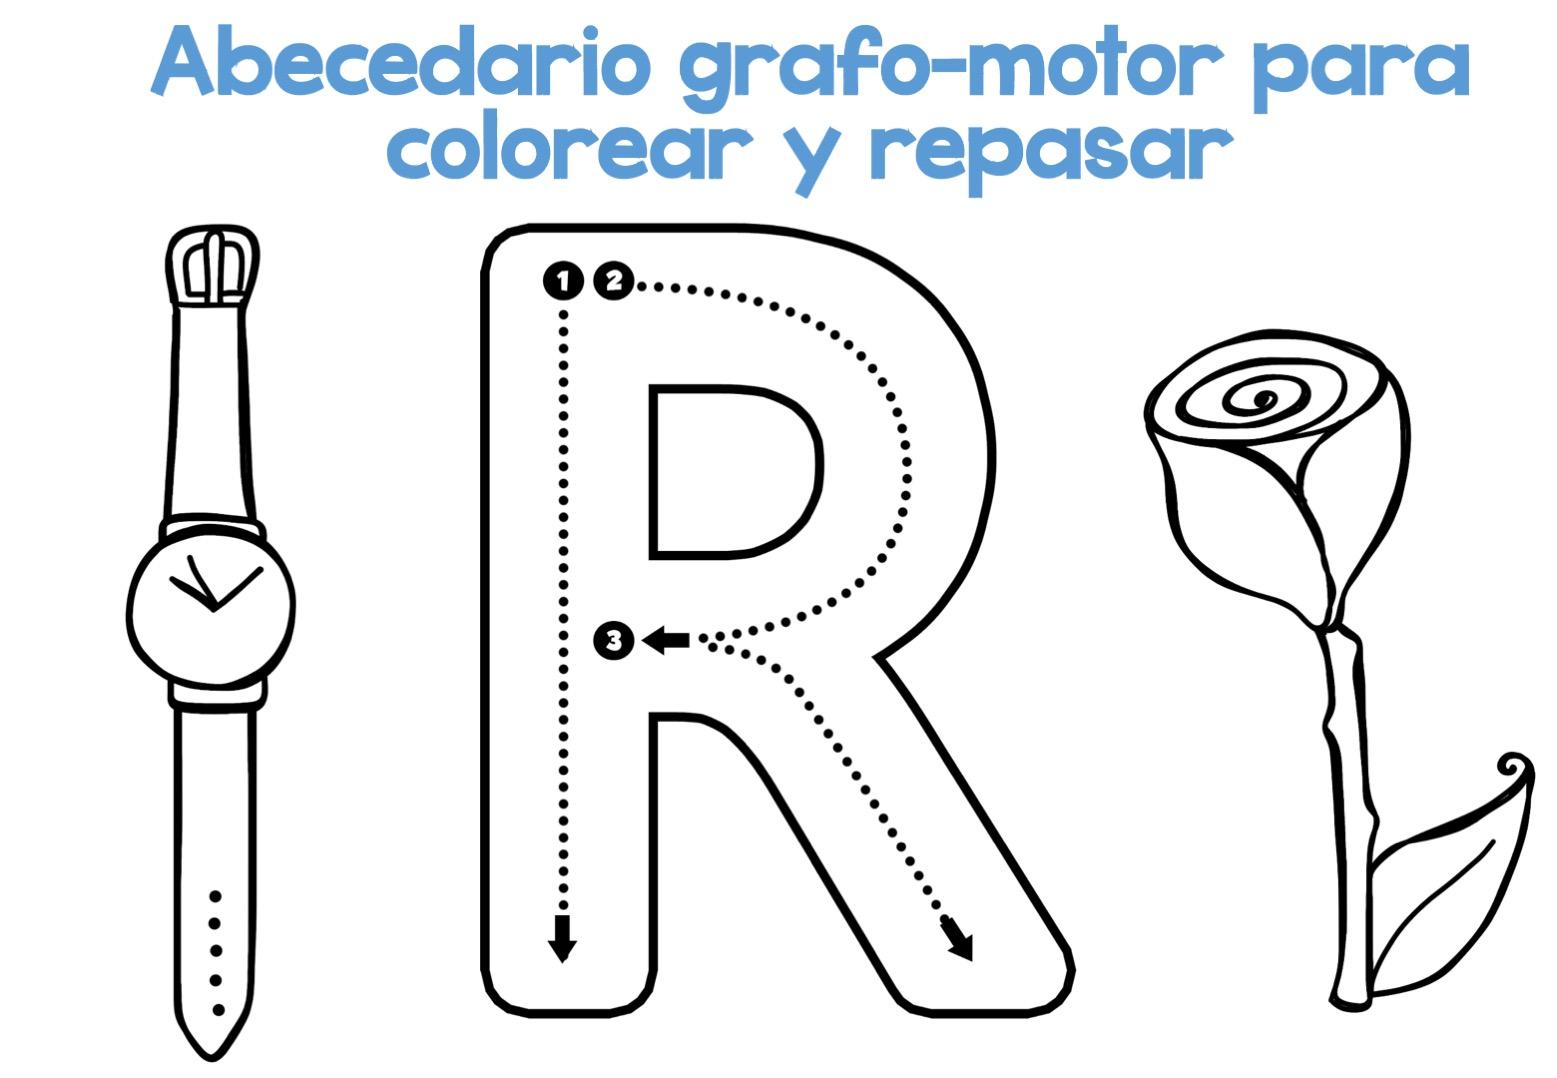 Abecedario Para Imprimir Y Colorear: Completo Abecedario Grafo-motor Para Colorear Y Repasar19